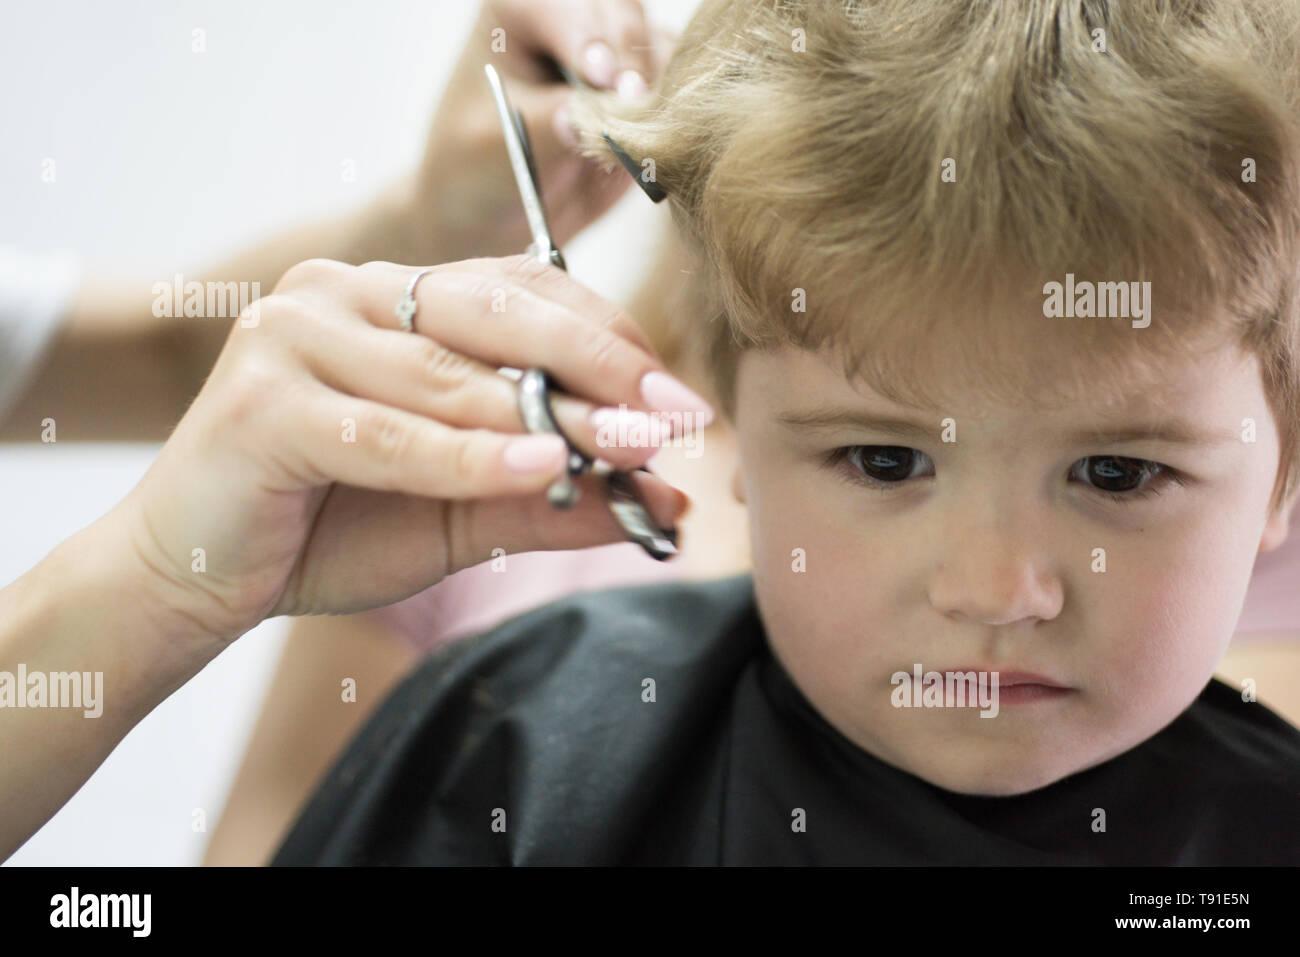 Friseursalon Der In Kleinkinder Spezialisiert Hat Kleiner Junge